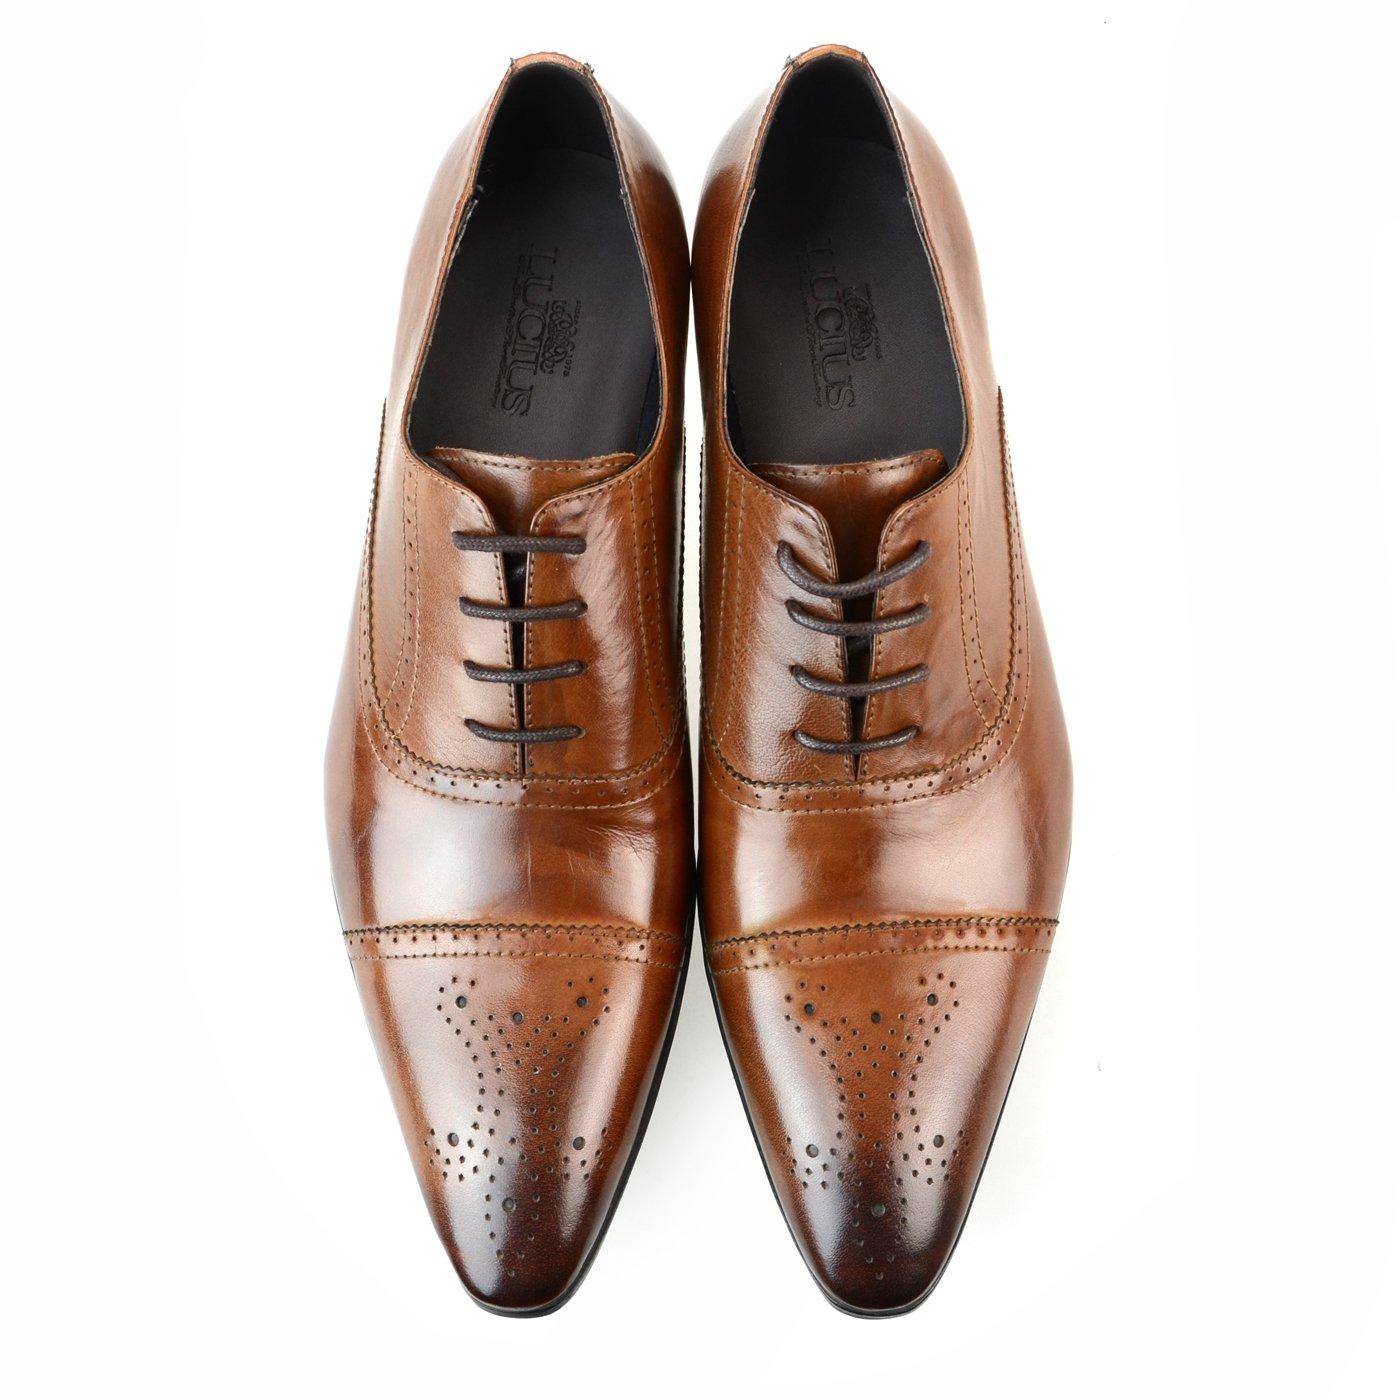 [ルシウス] ビジネスシューズ 革靴 メンズ 本革 レザー レースアップ ローファー スリッポン モンクストラップ 内羽根 外羽根 ロングノーズ ドレスシューズ ストレートチップ プレーントゥ Uチップ 春 靴 D [ ZNX91B ] LLT79-1 ブラウン 25.0 cm